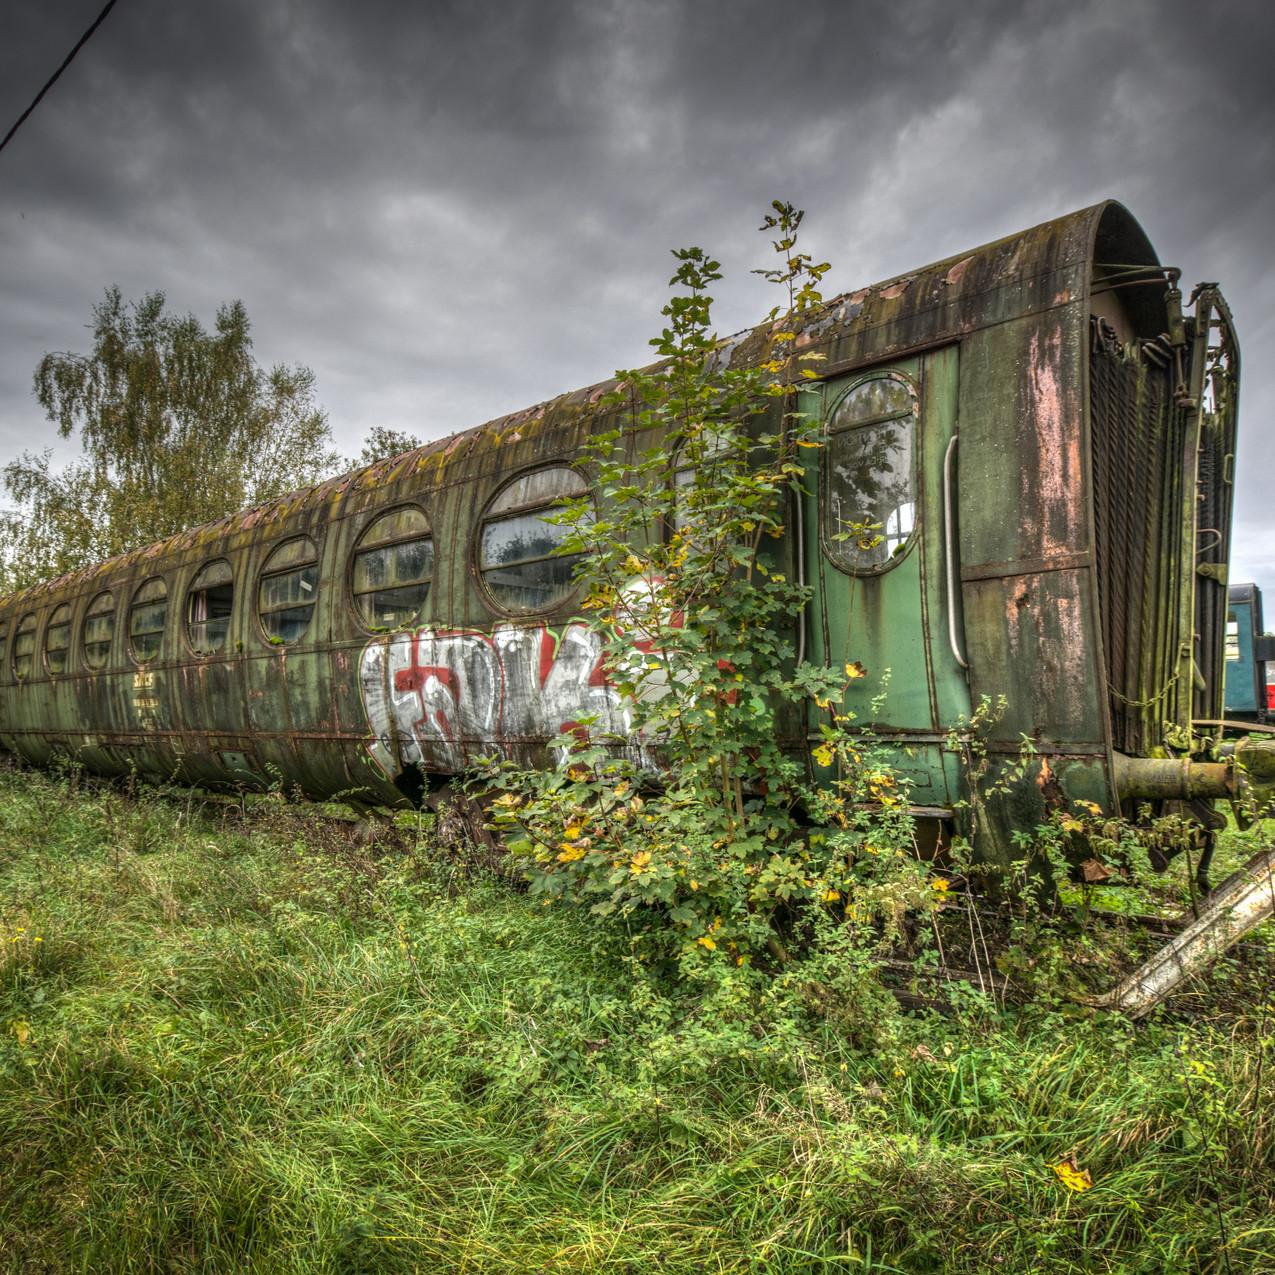 Urbex - Cimetière du train boudin 13